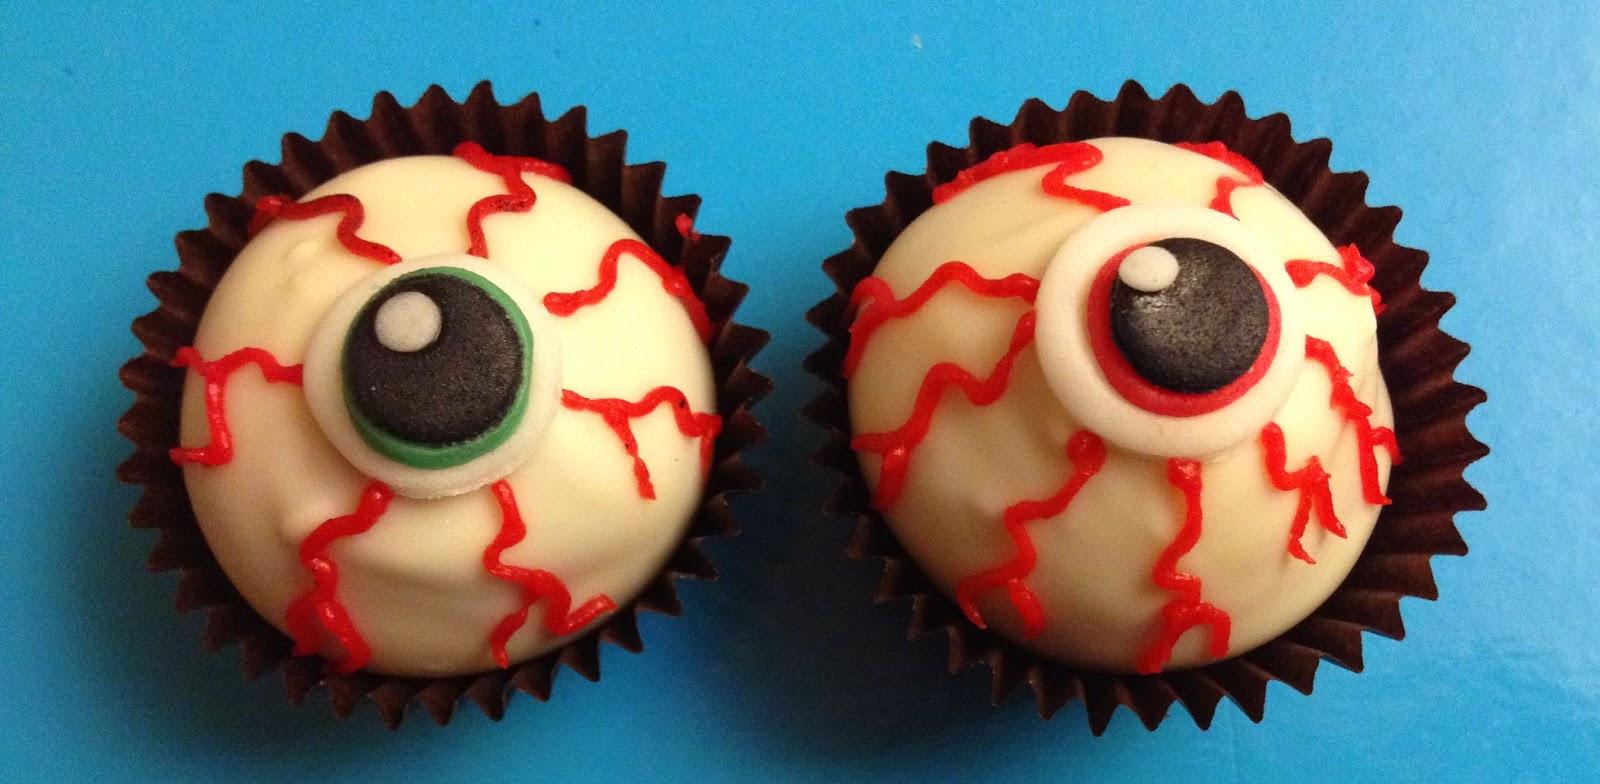 pops cakes, halloween, pop cakes halloween, pop cakes ojos